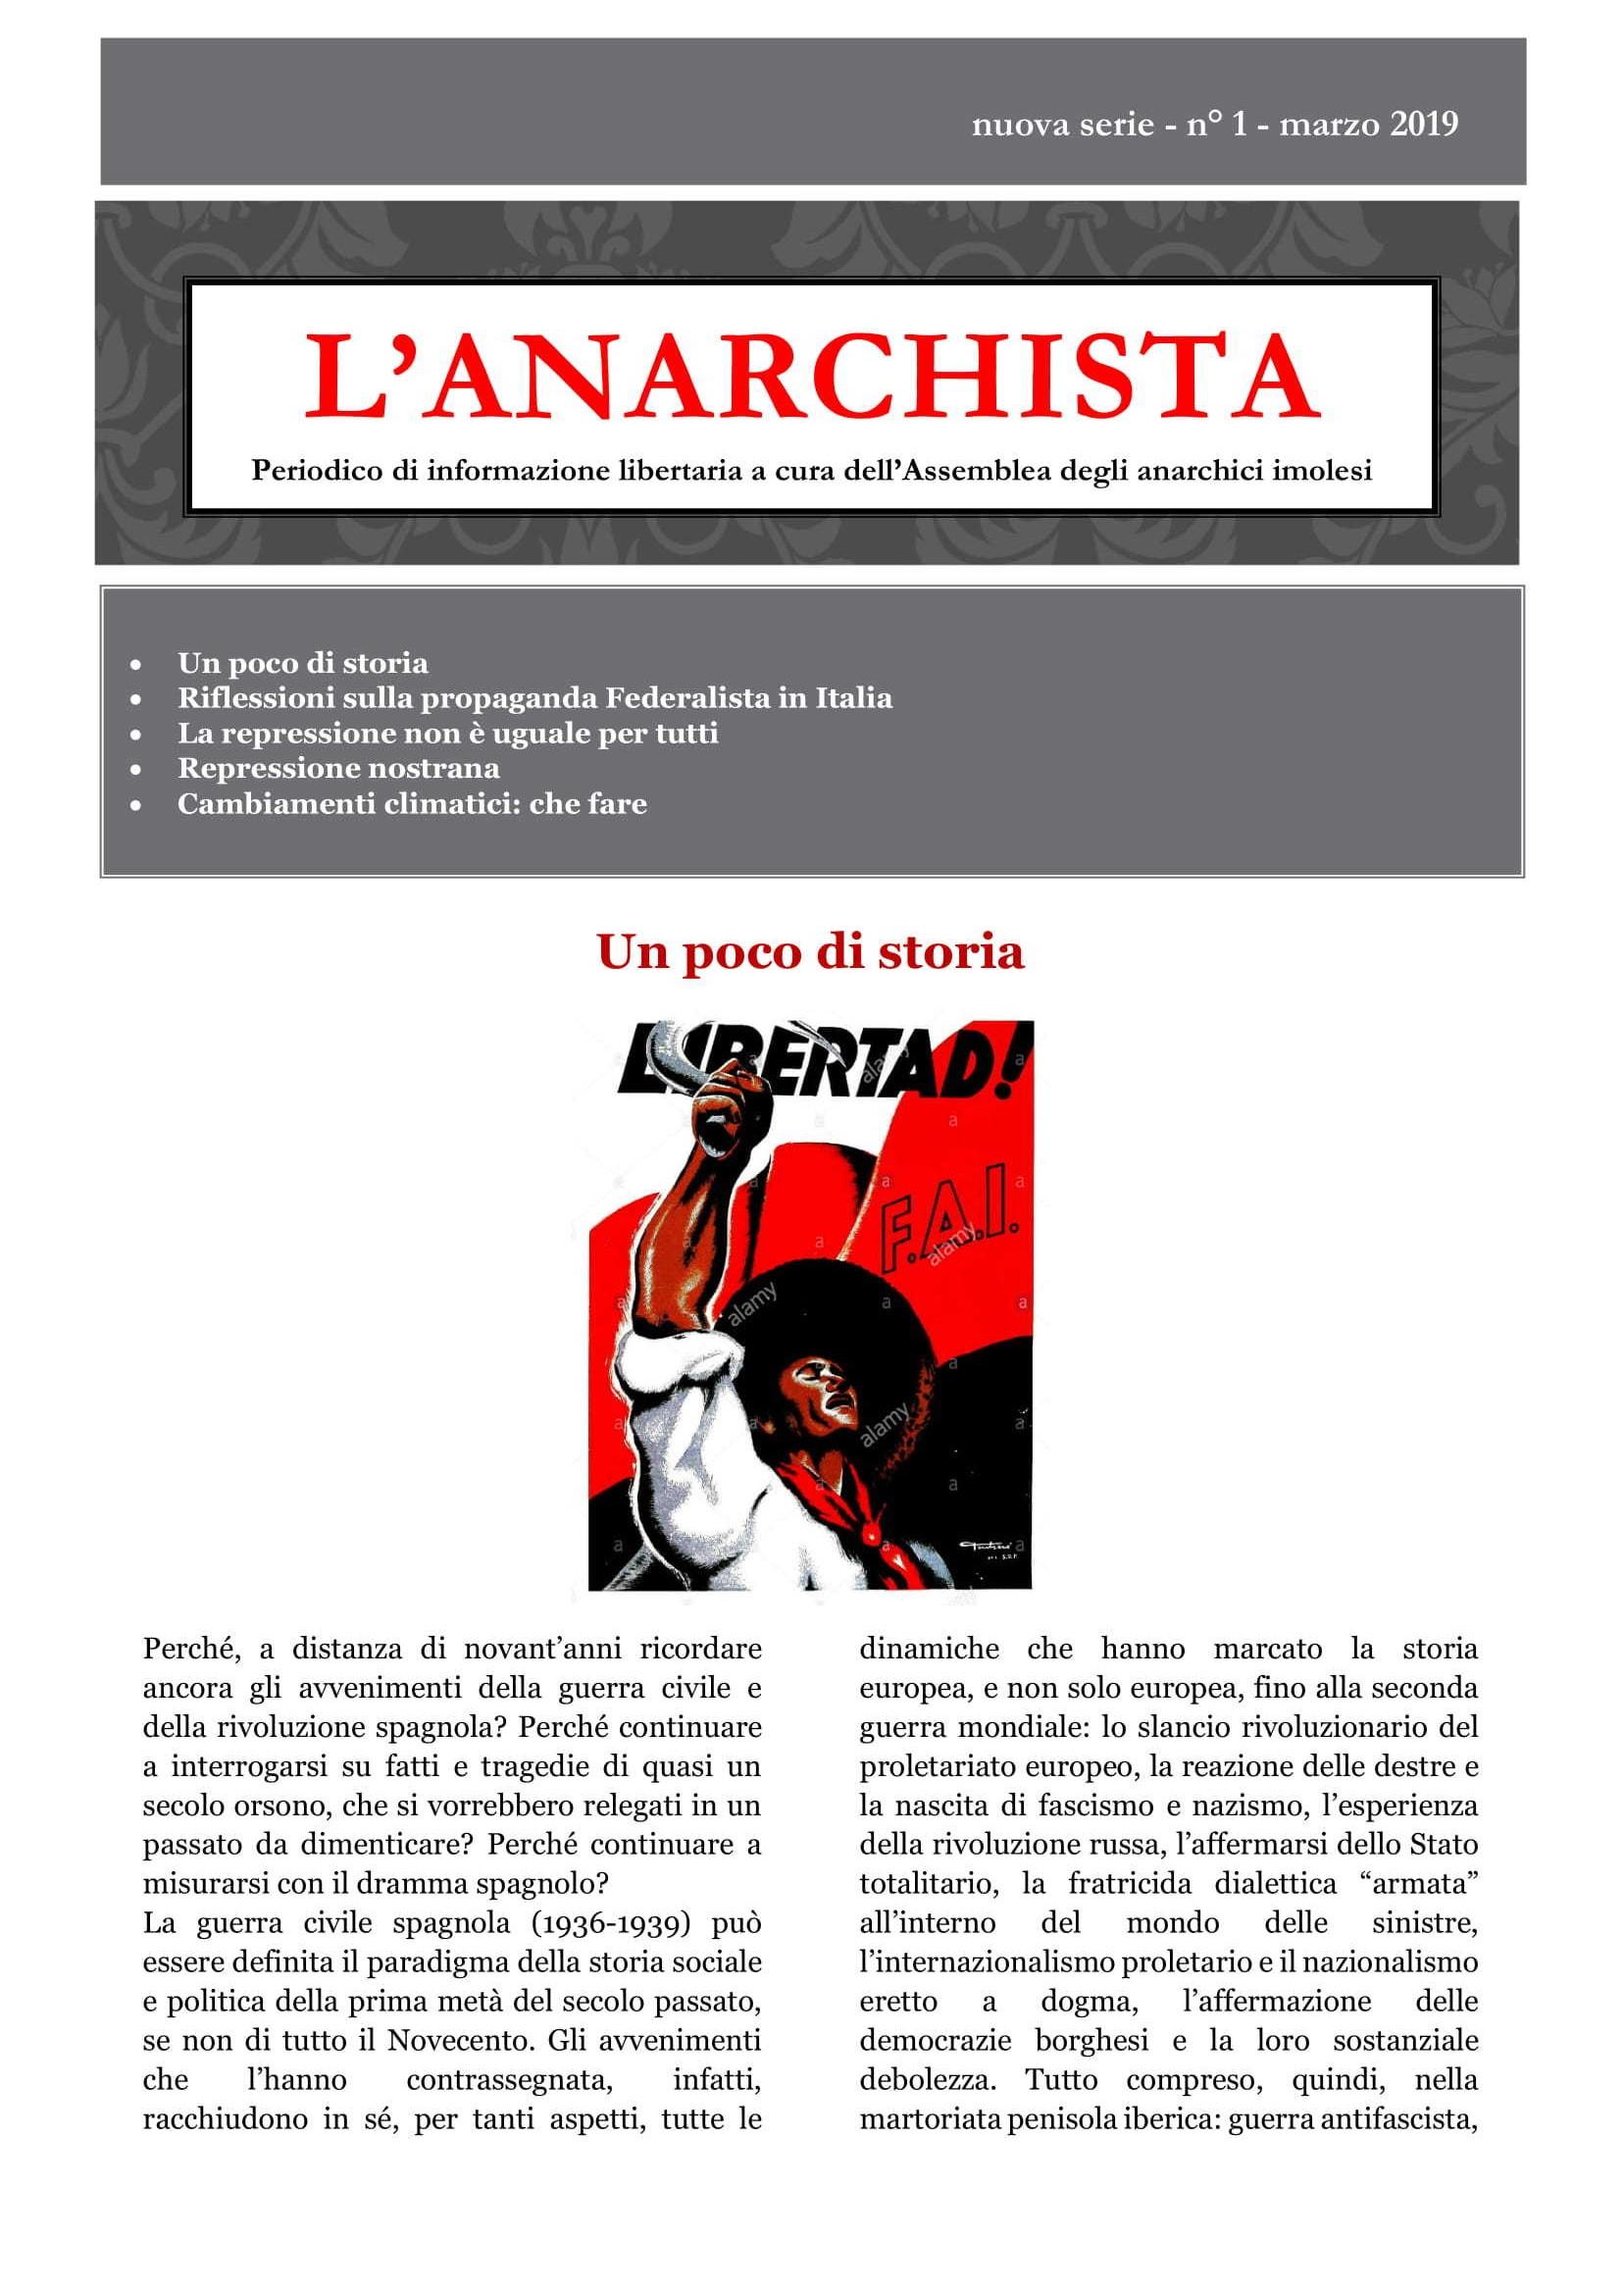 L'Anarchista (Imola)_2019_nuova serie